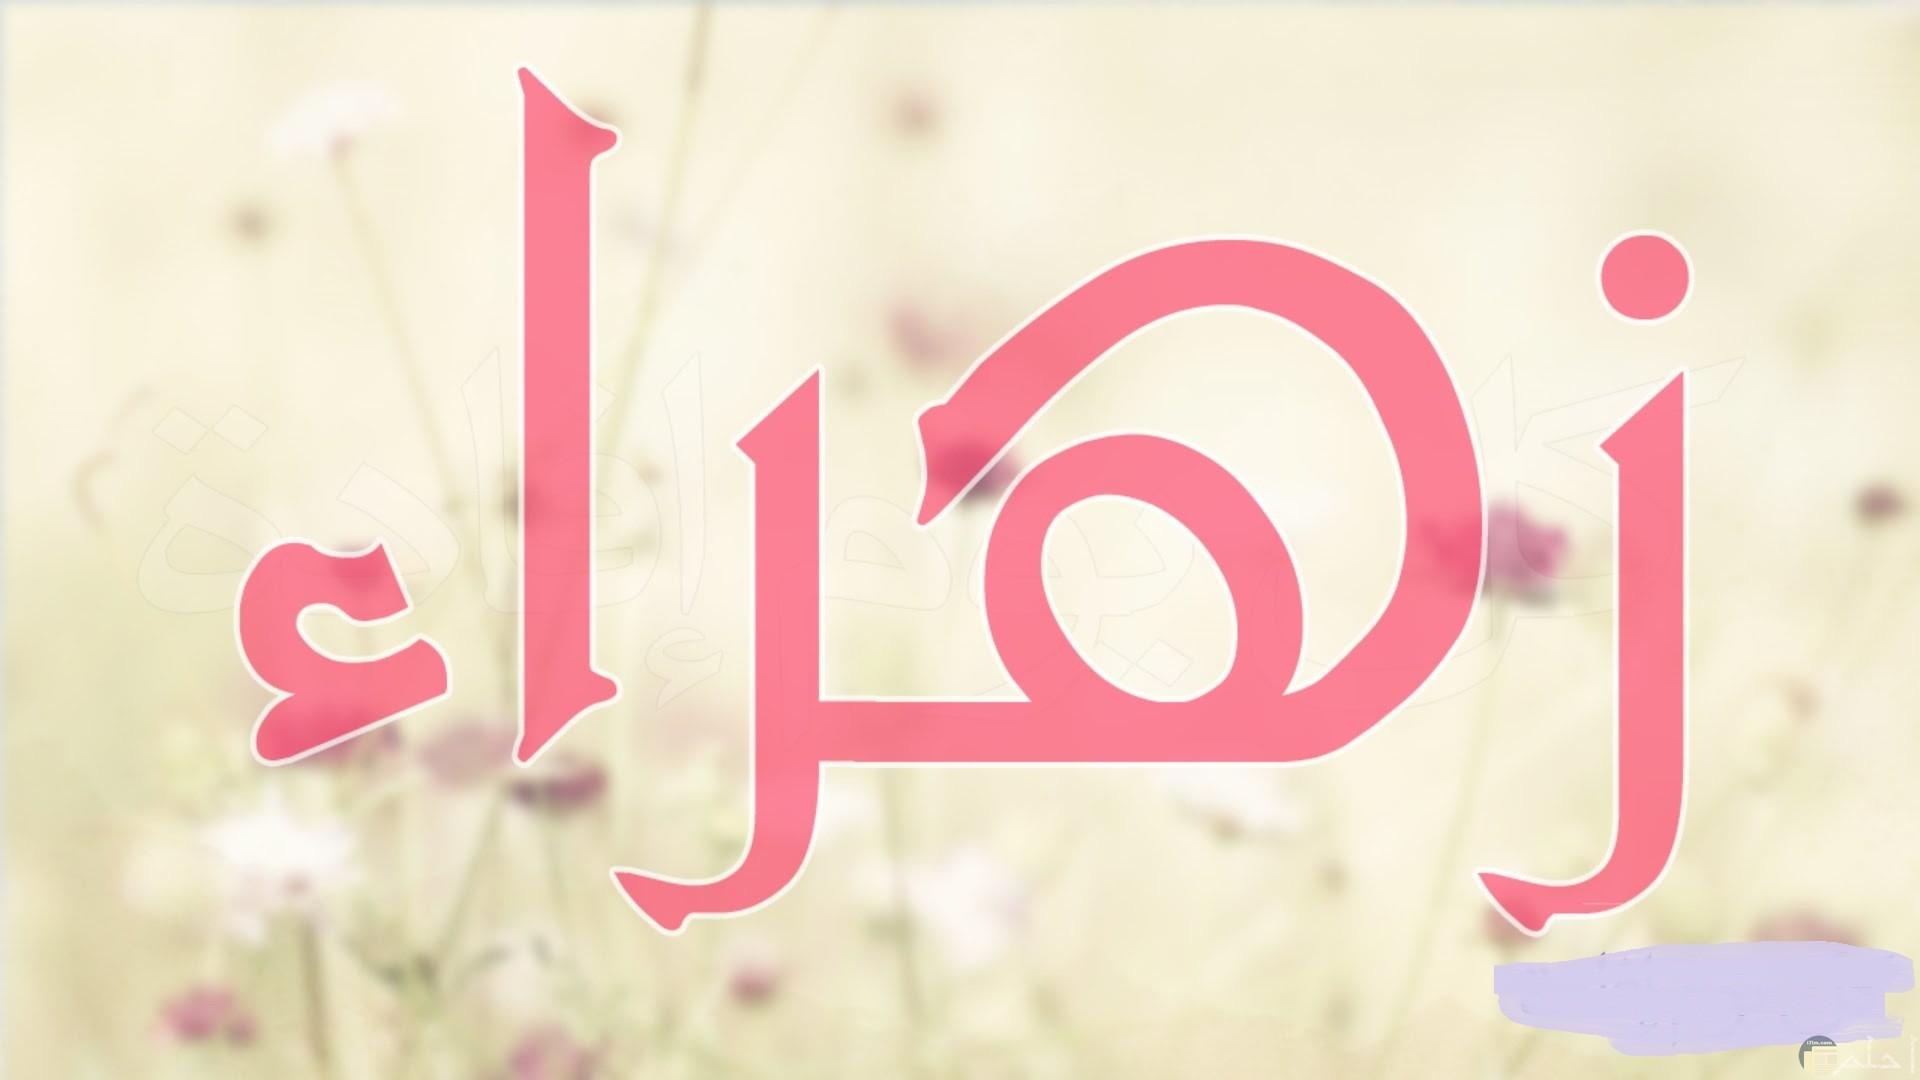 اجمل الصور عن اسم زهراء مزخرف بشكل مميز